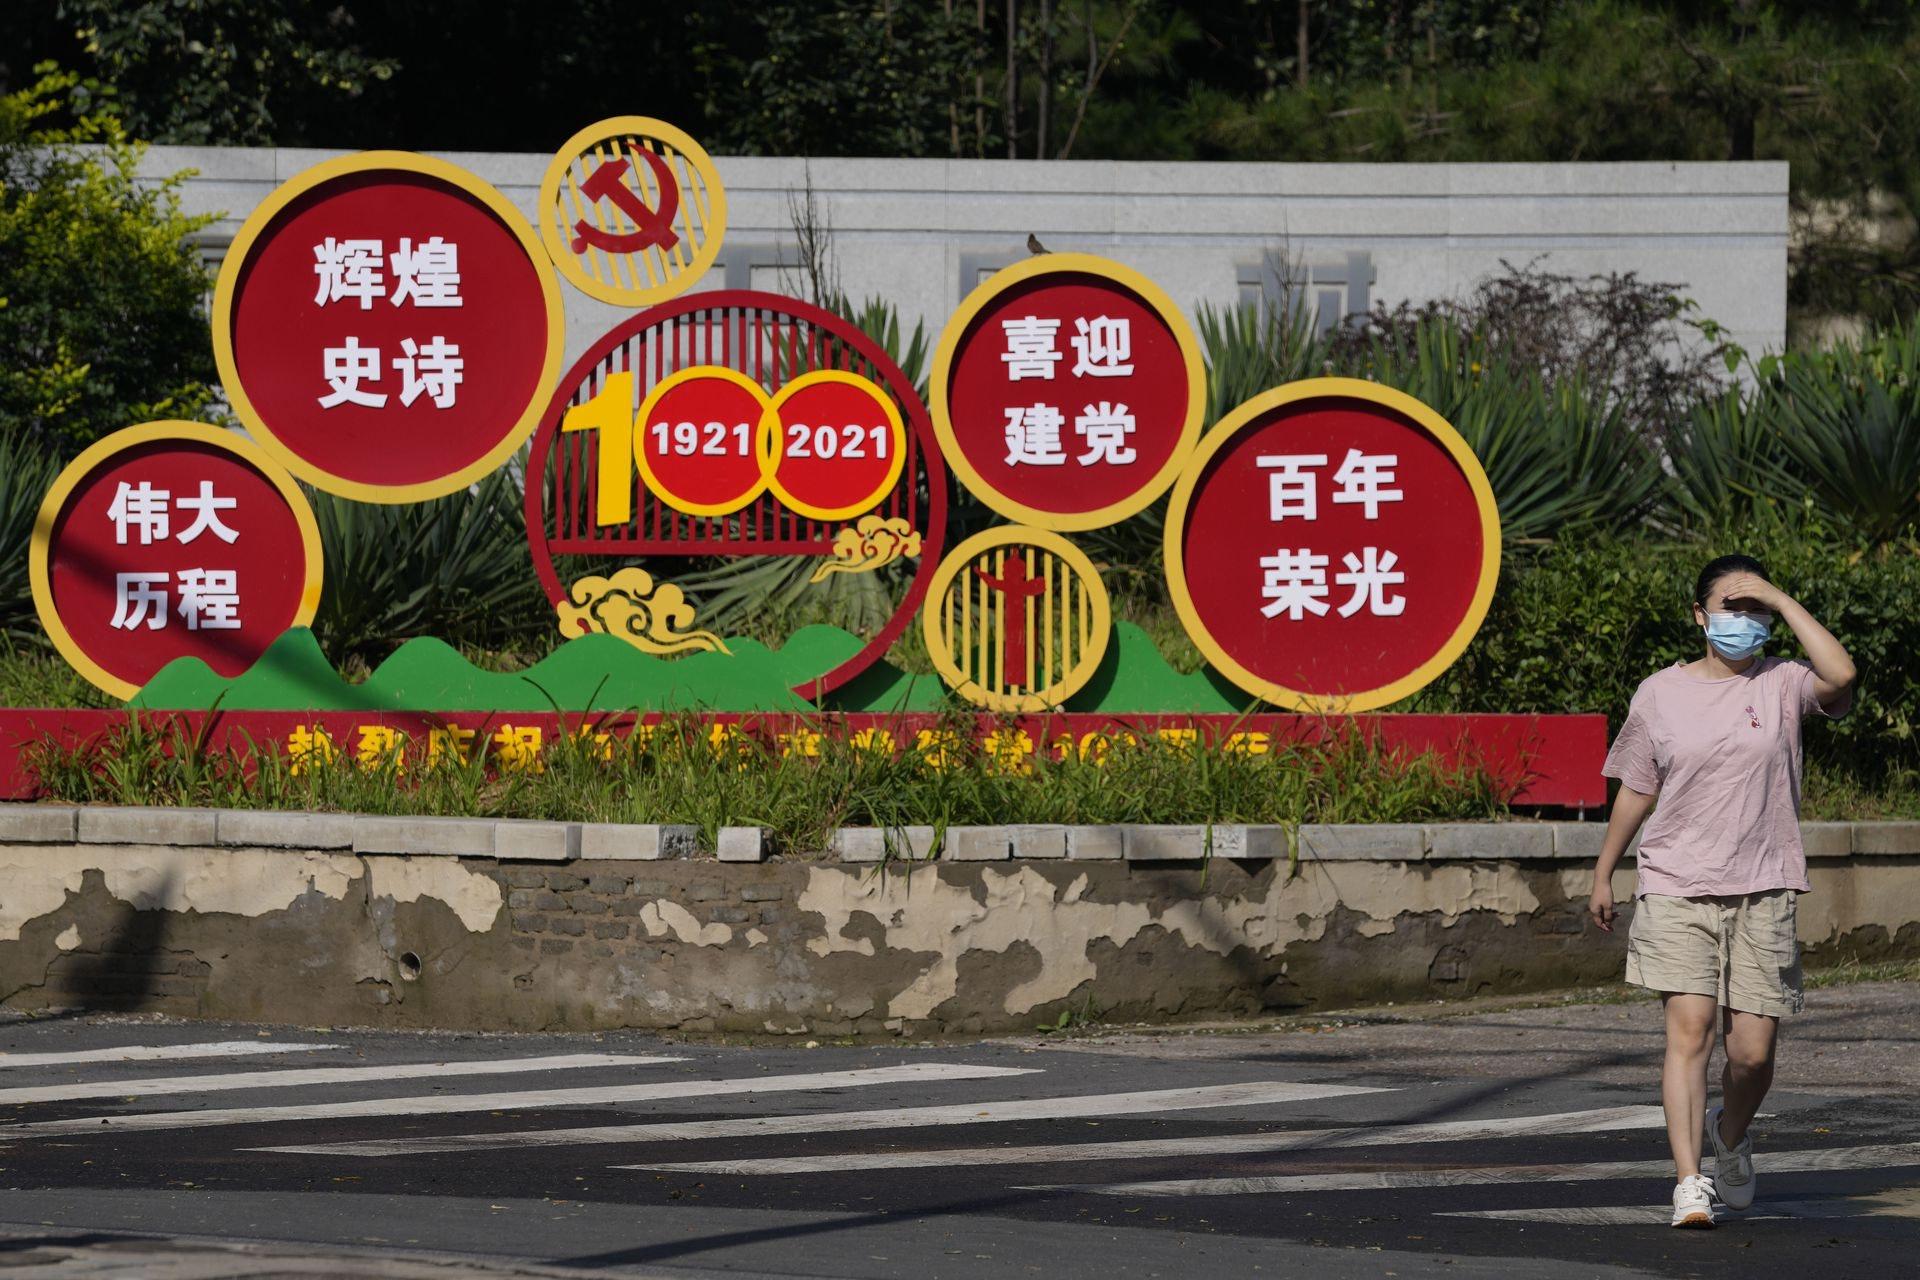 對中共來說,不管是現代化的目標,還是共同富裕的願景,都必須立足於中國的基本國情,實事求是,避免重蹈歷史錯誤和覆轍。(美聯社)